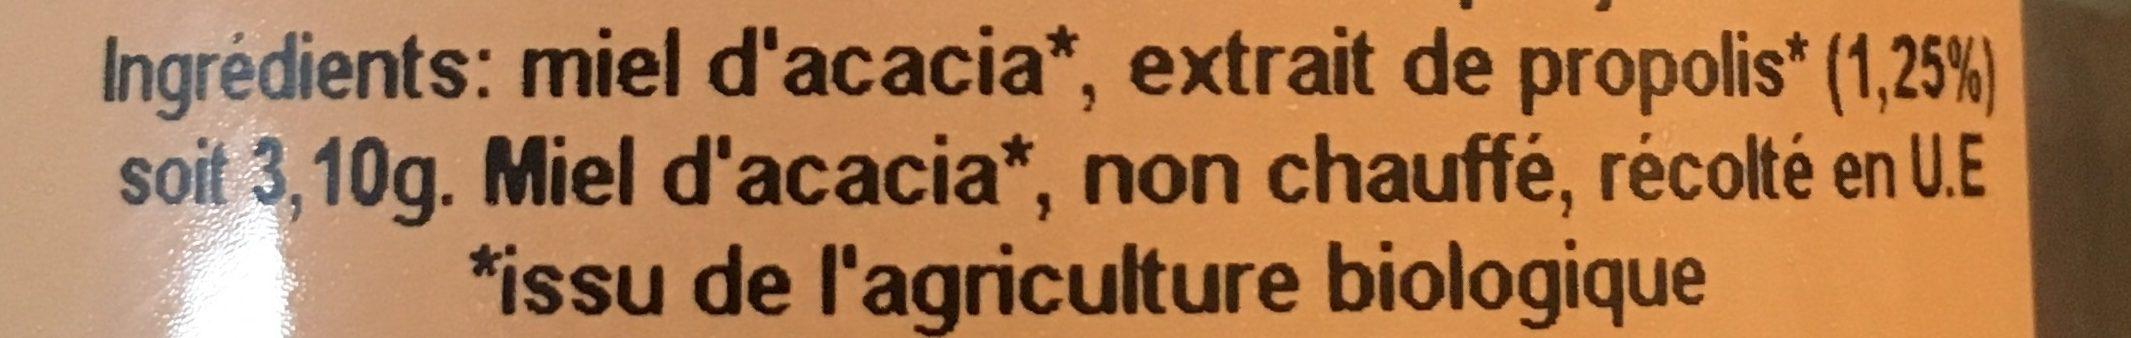 Préparation à base de miel d'Acacia et propolis - Ingredients